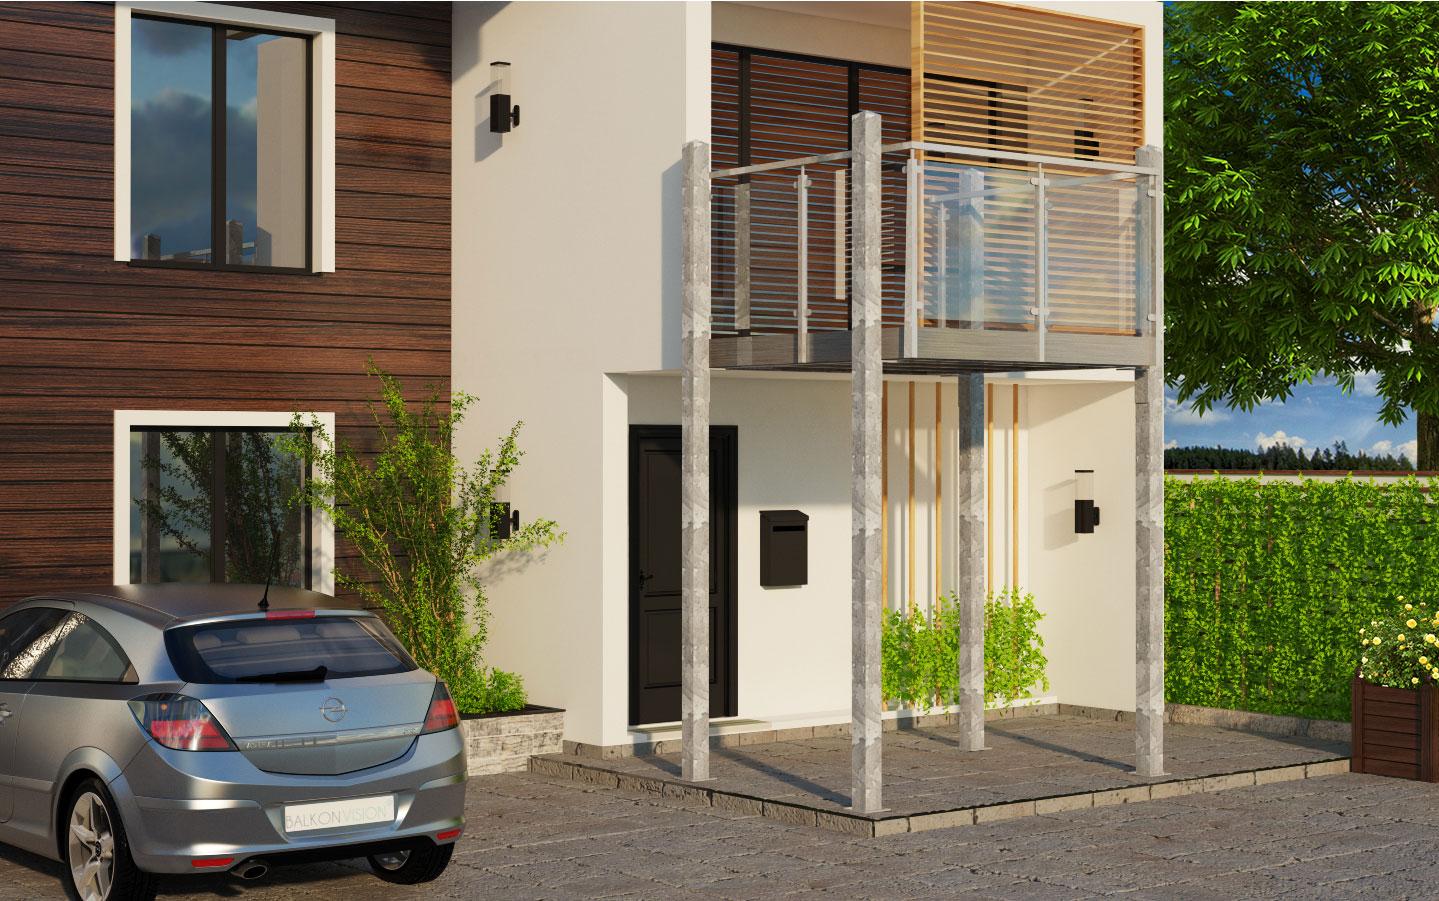 balkon seitlich trendy deuba balkonfcher klappbar mit xcm in beige sichtschutz balkon. Black Bedroom Furniture Sets. Home Design Ideas